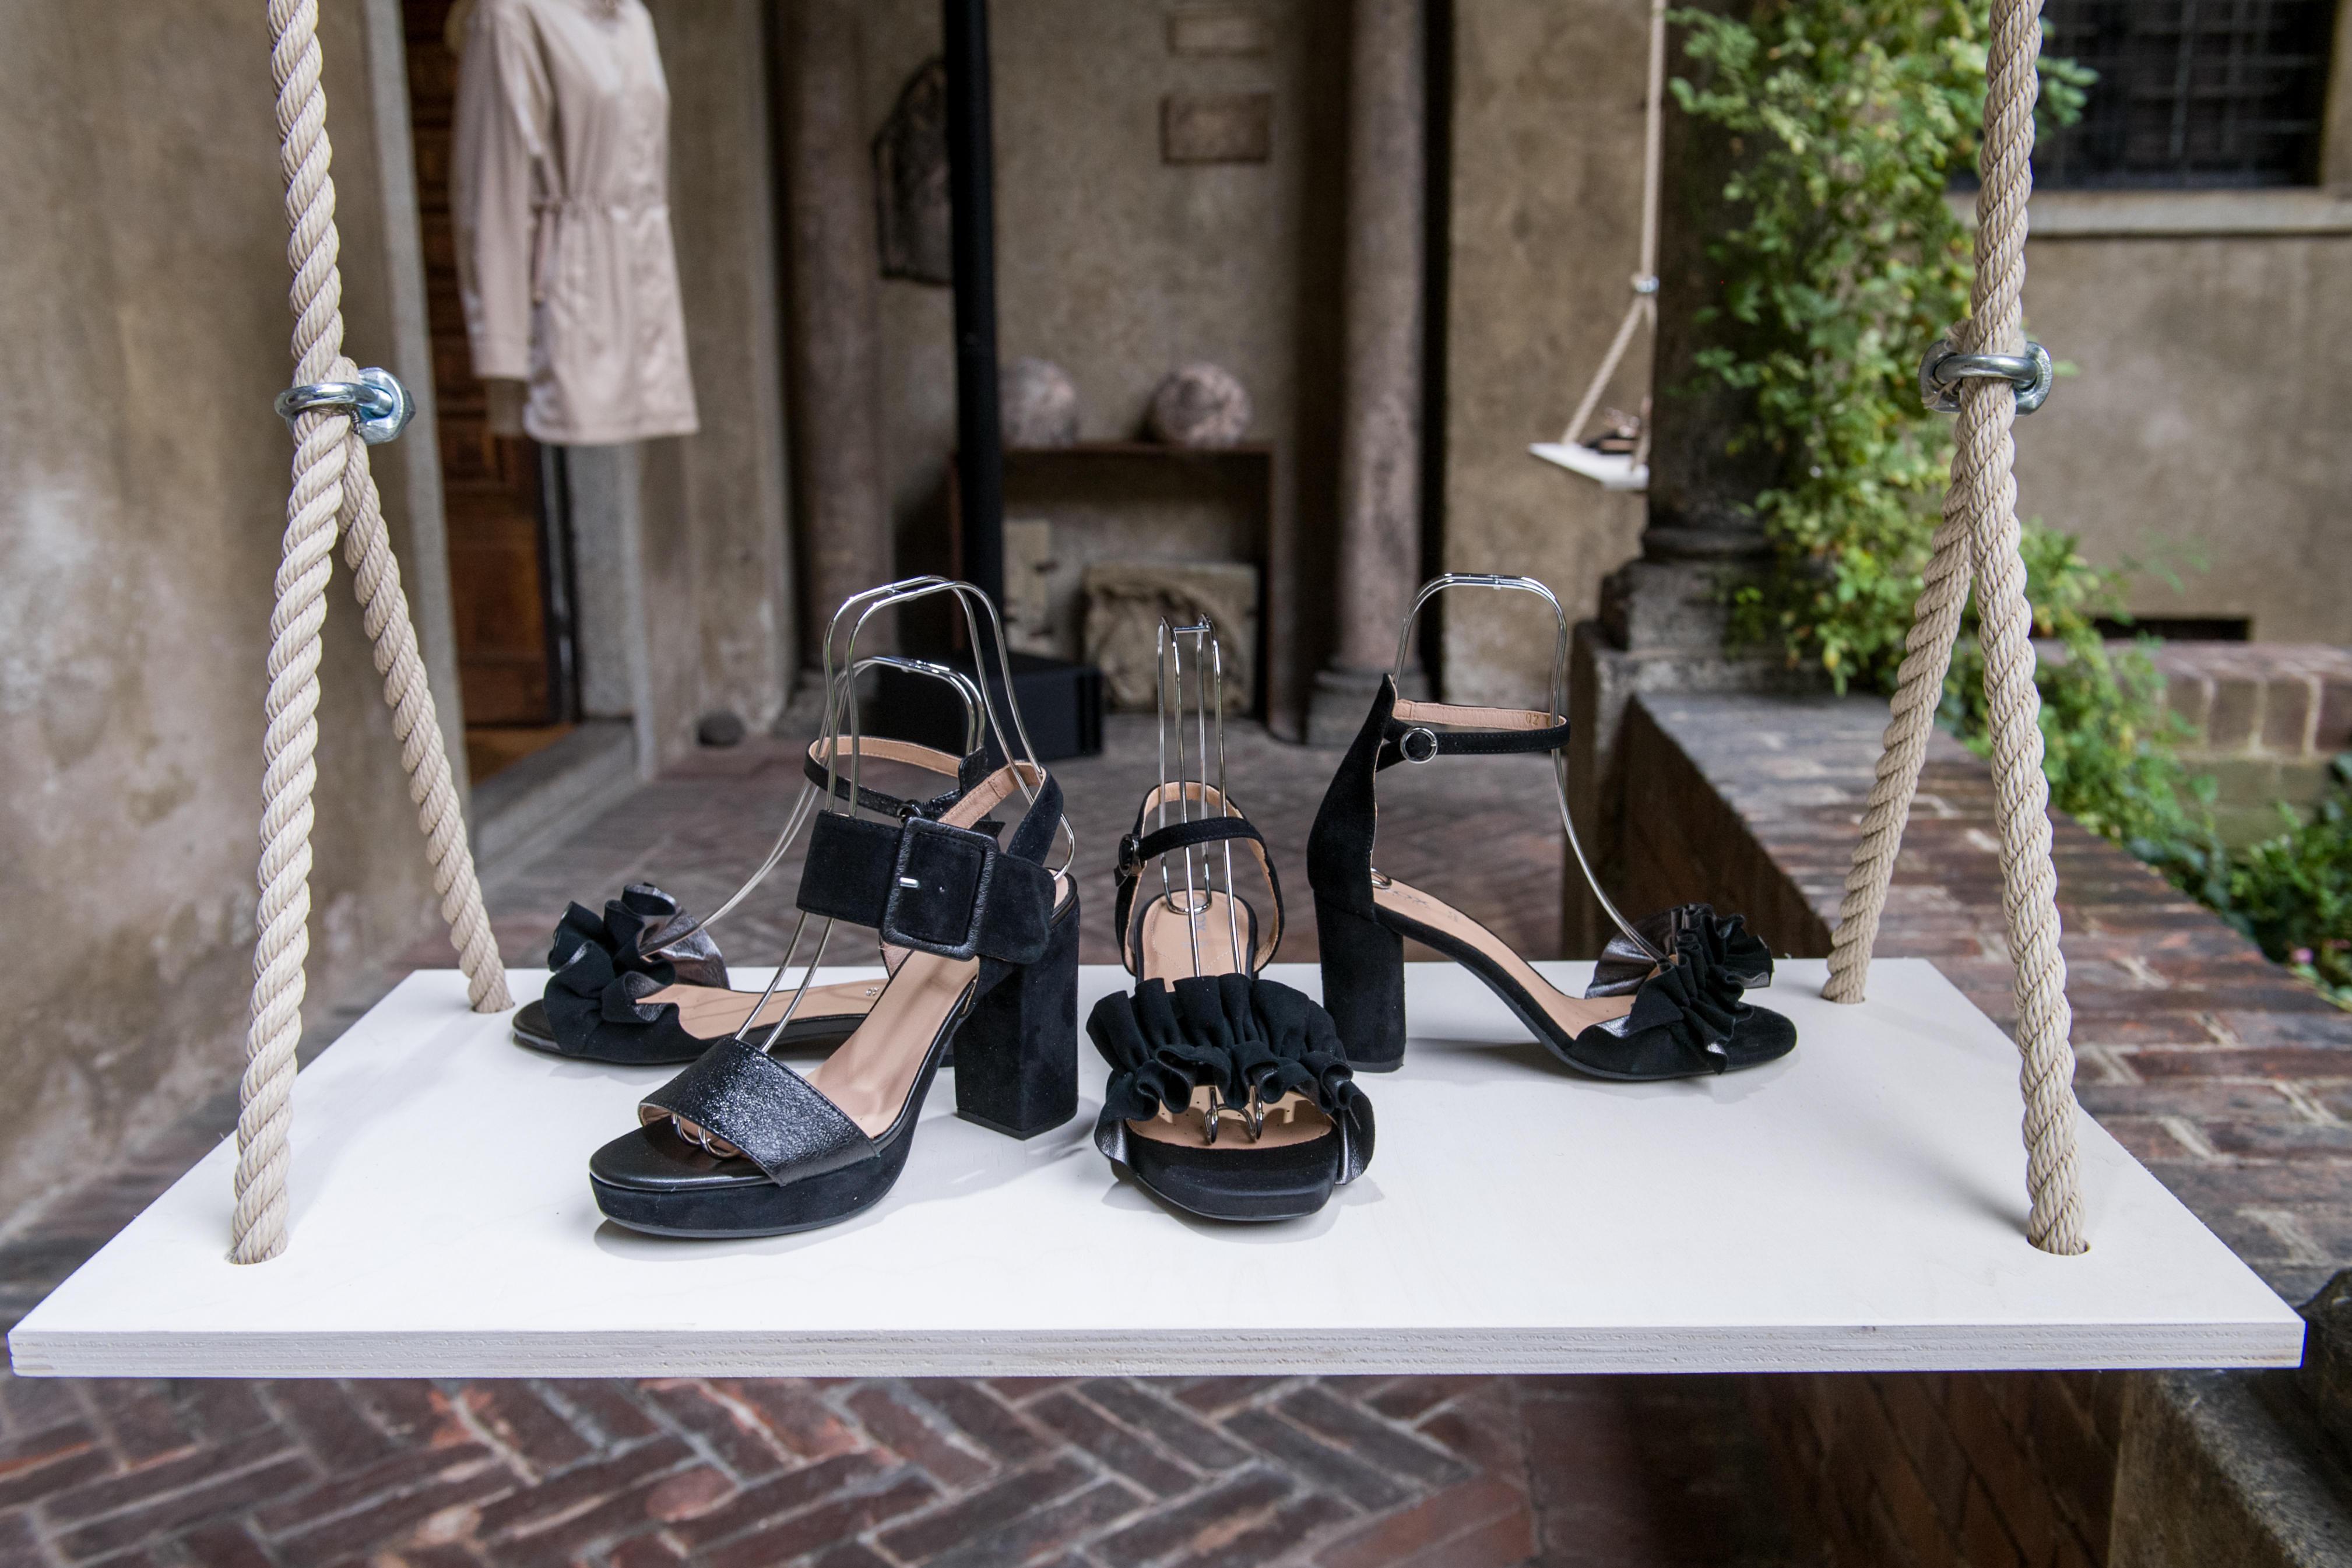 prosa Puntuación Relación  Geox presentó su colección primavera-verano'21 en Milán